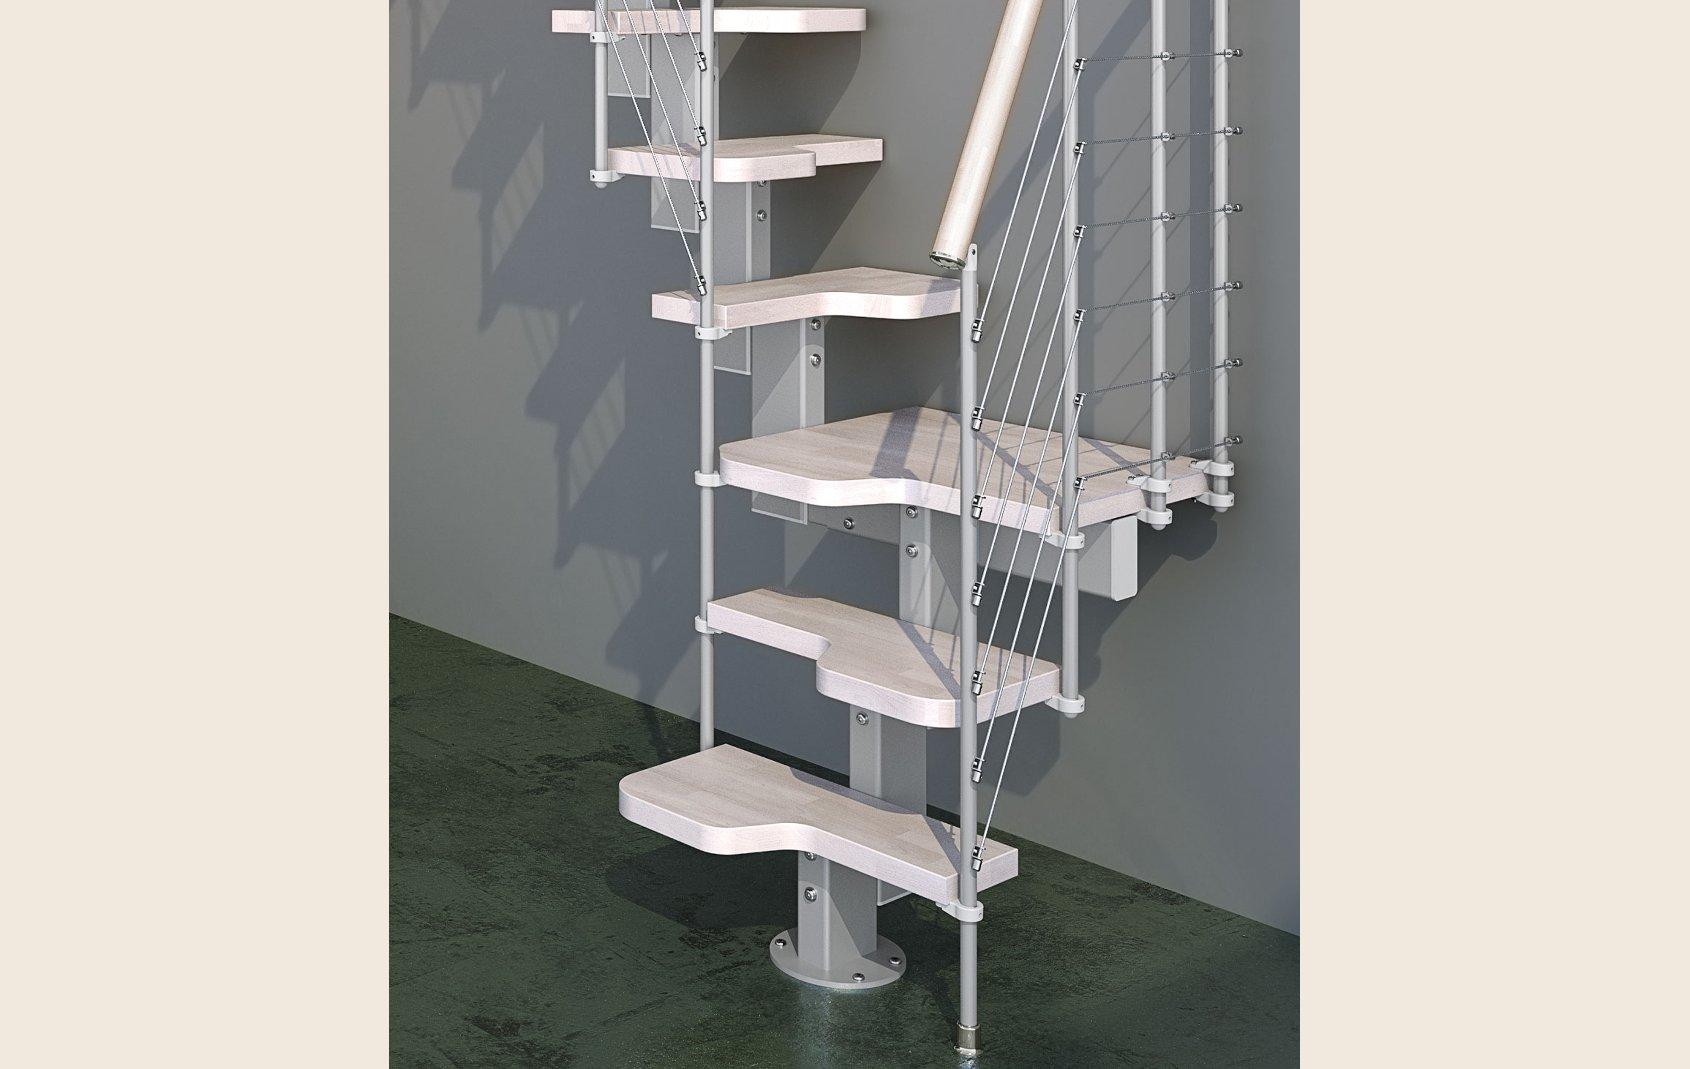 Scaletta In Legno Per Soppalco : ᐅ dixi dixi scale per soppalchi in legno la scala per